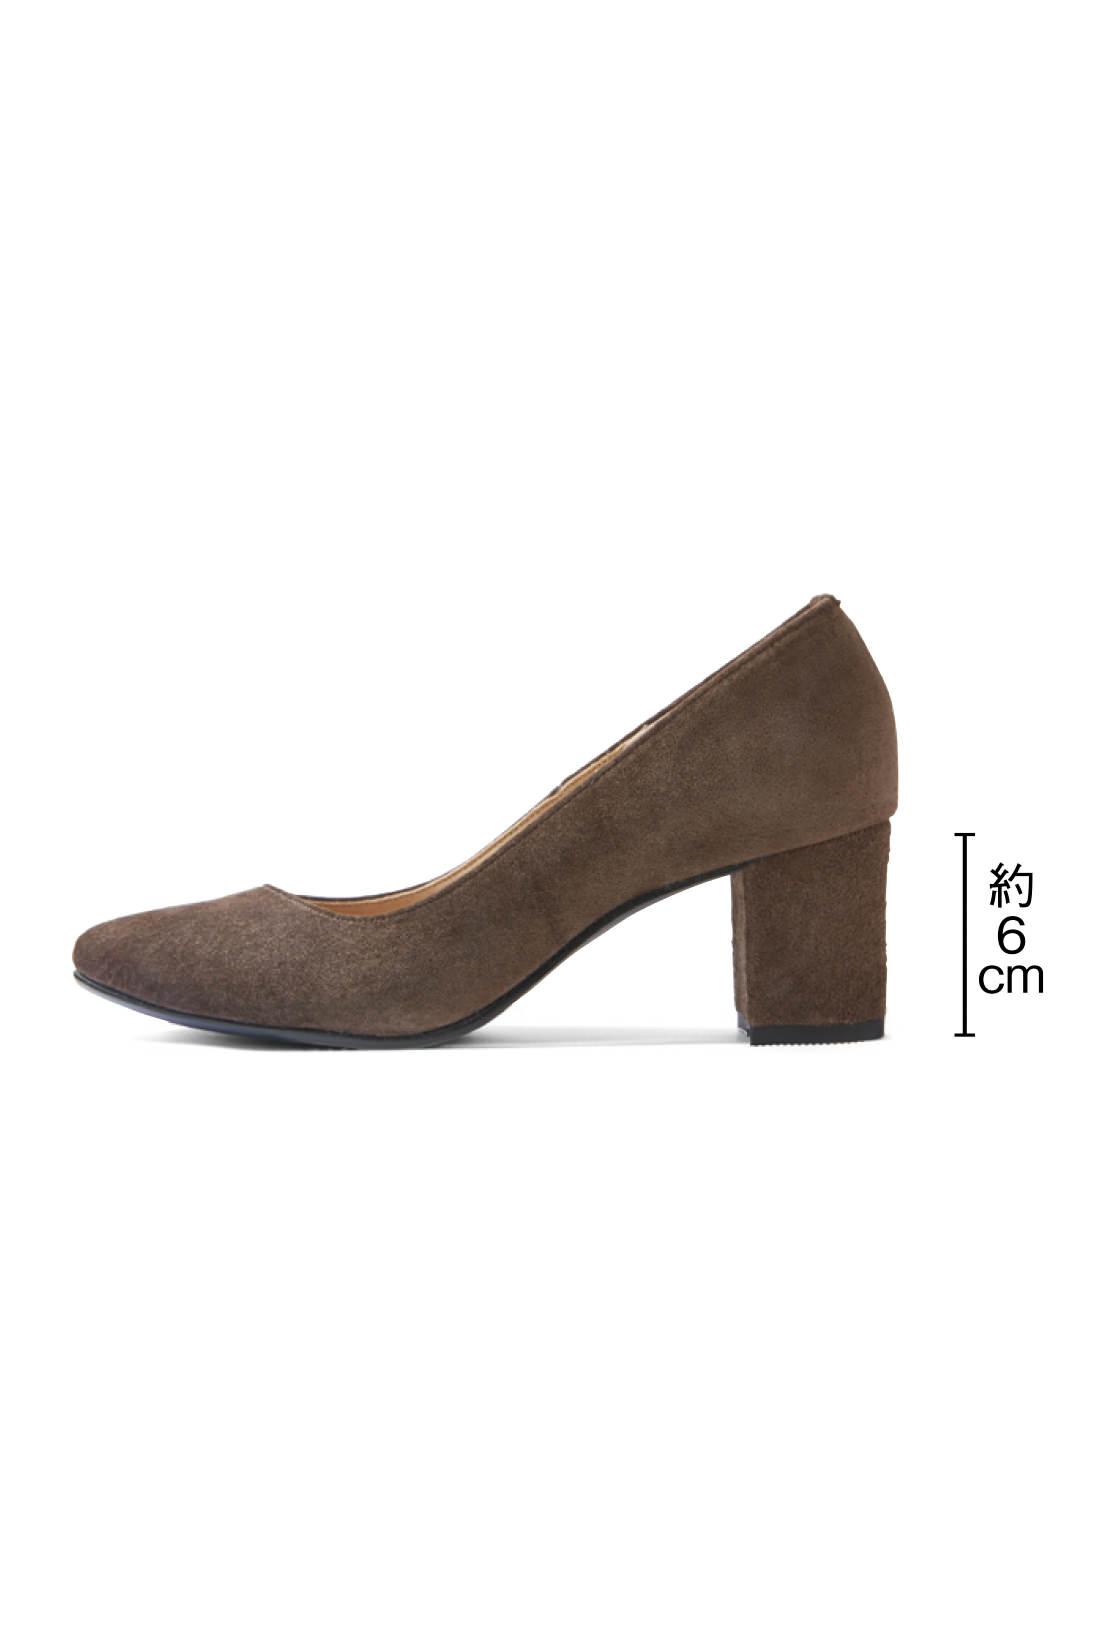 安定感とトレンド感をかなえるチャンキーヒール 脚をきれいに魅せる6cmヒールは、トレンドのチャンキーヒールで安定感抜群。コンサバティブになりすぎないモードなきちんと感が、日々のおしゃれにうれしい。